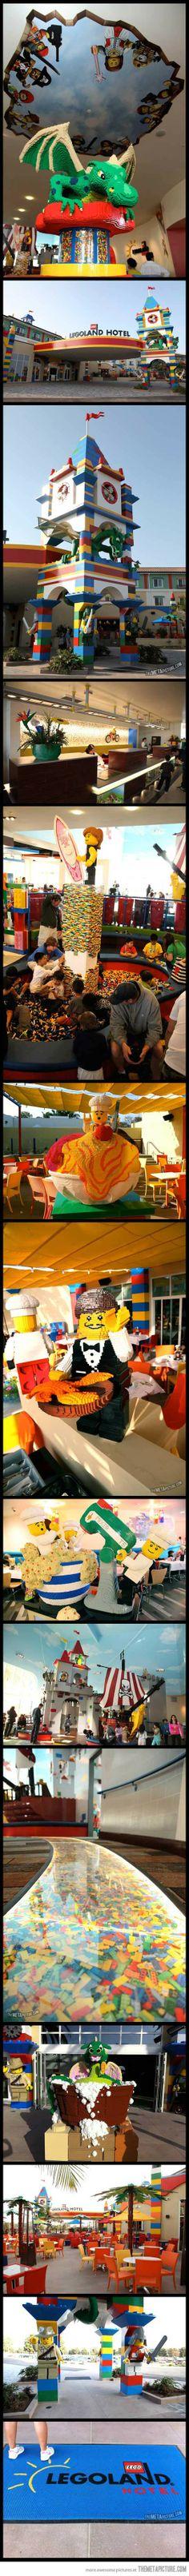 Legoland Hotel…